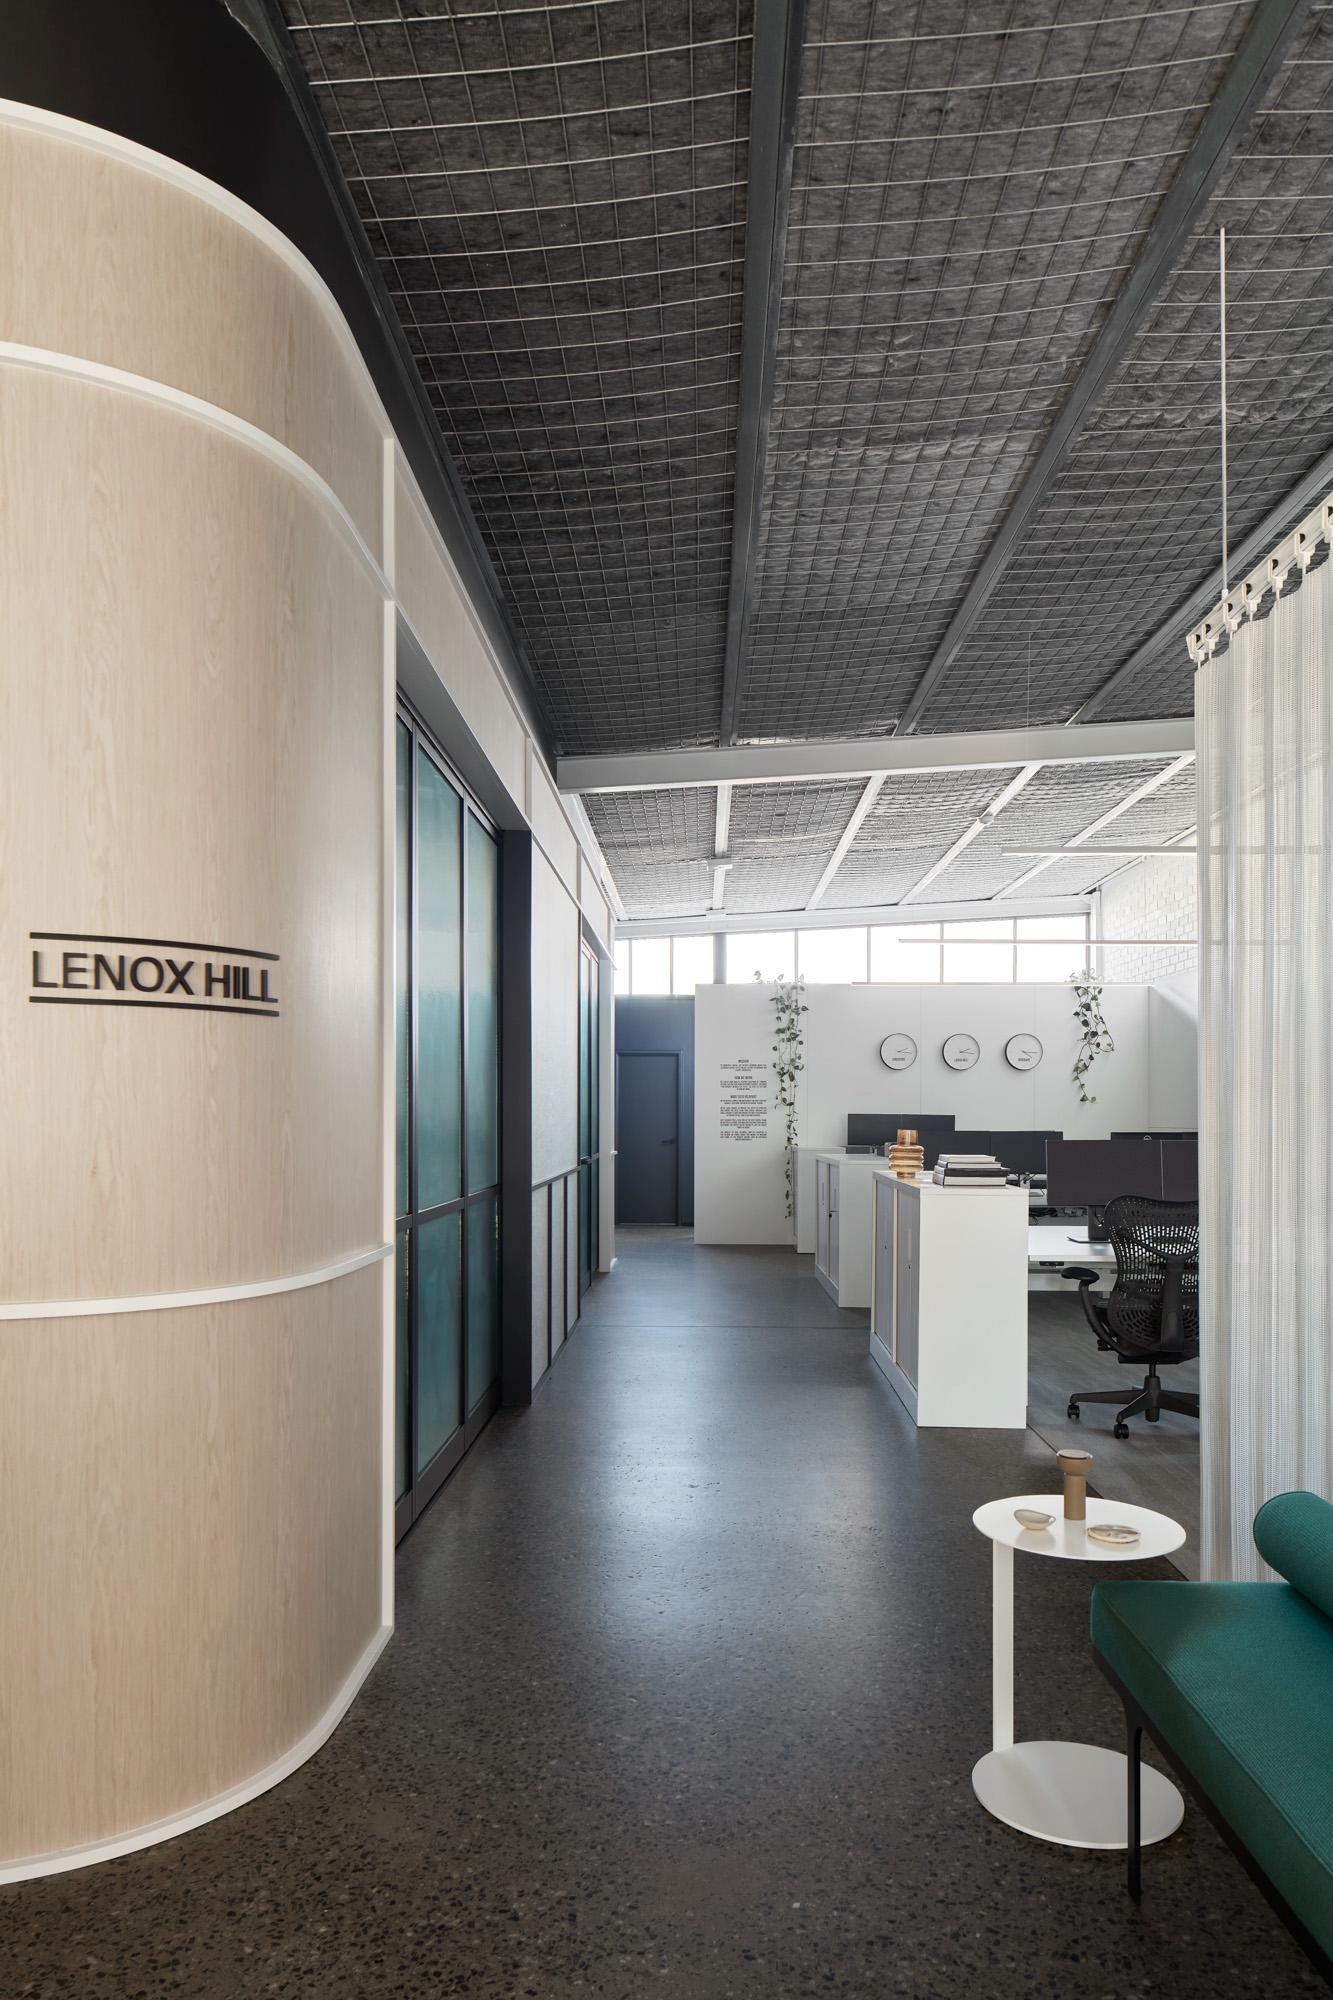 202011078_Rezen Studio_Lenox Hill_112